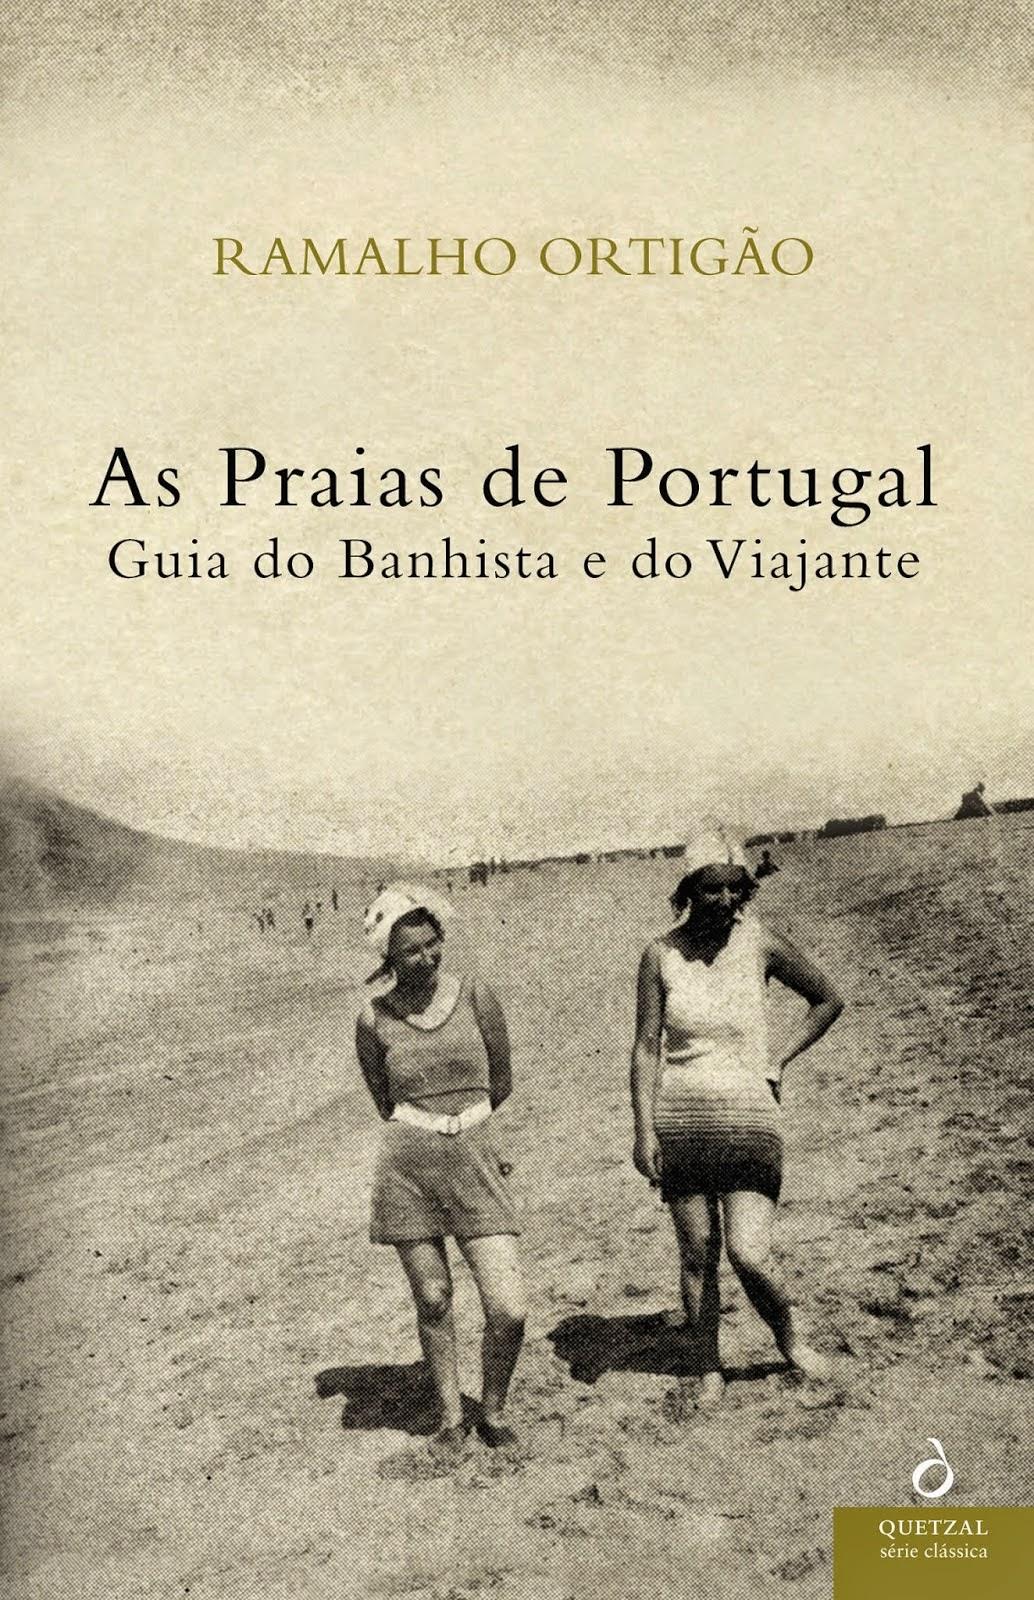 As Praias de Portugal Guia do Banhista e do Viajante, Ramalho Ortigão, Quetzal